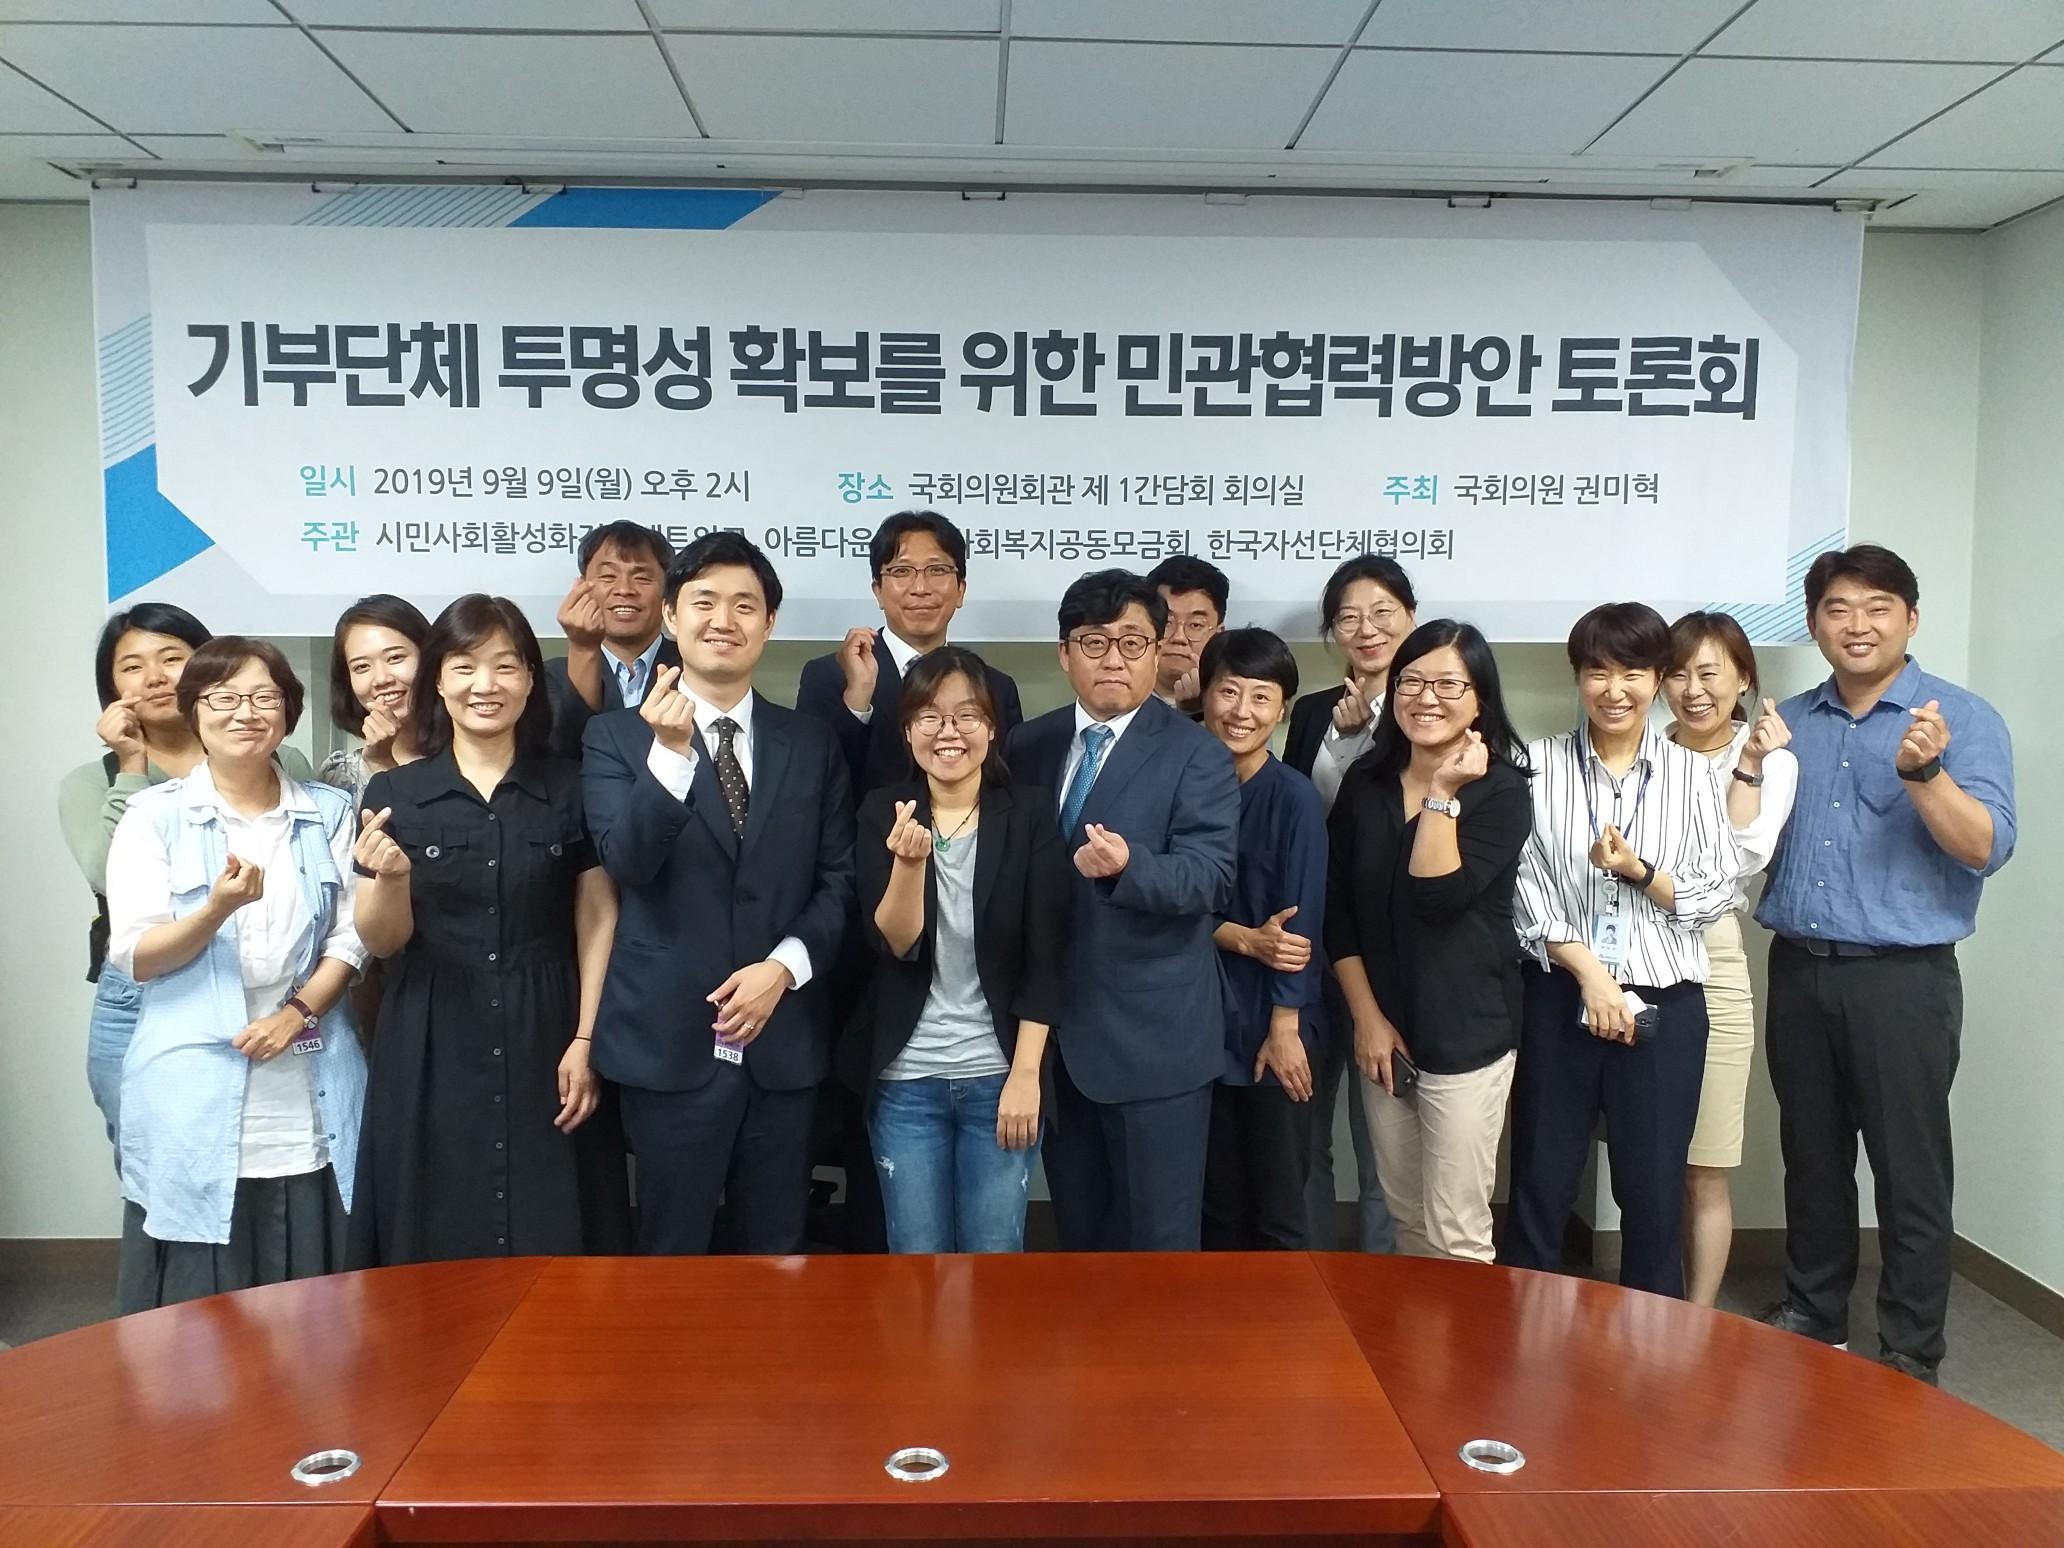 기부단체 투명성 확보를 위한 민관협력방안 토론회를 마치며 단체 사진